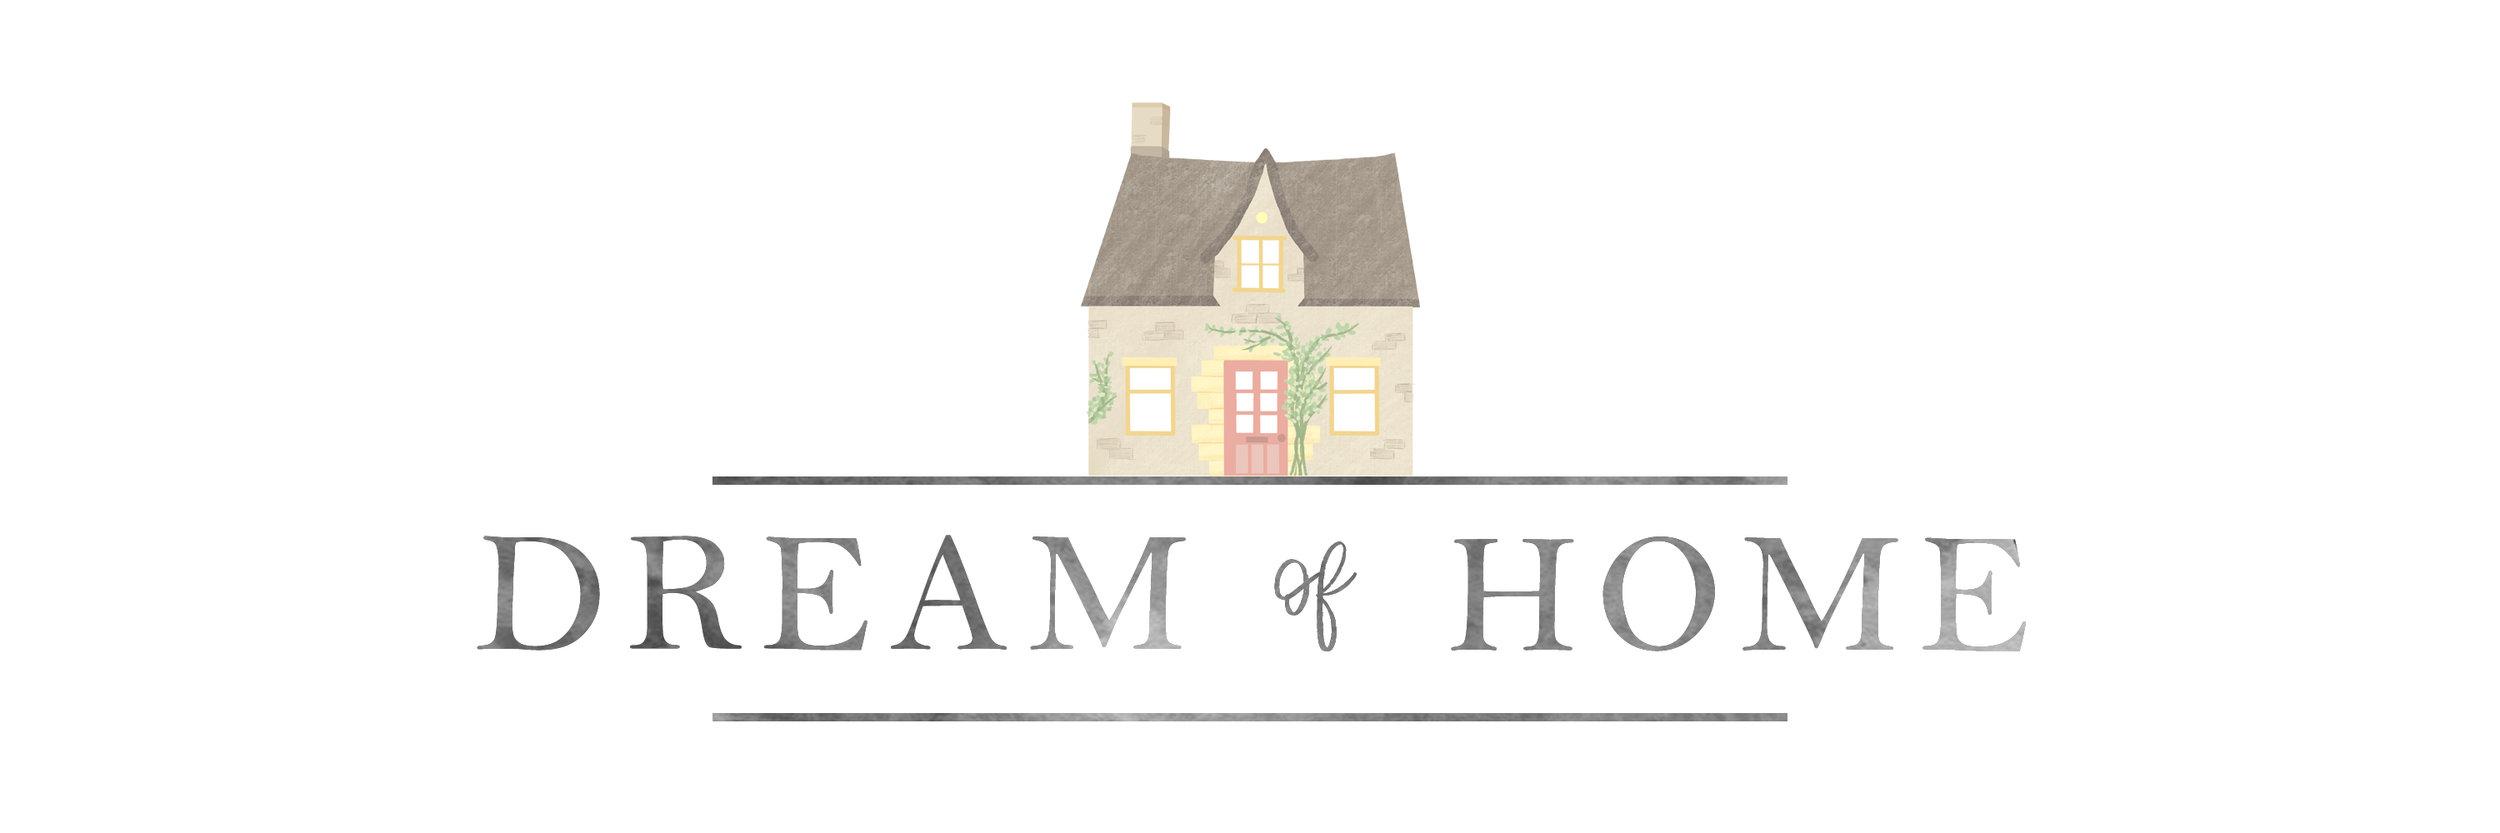 Dream of Home Header.jpg